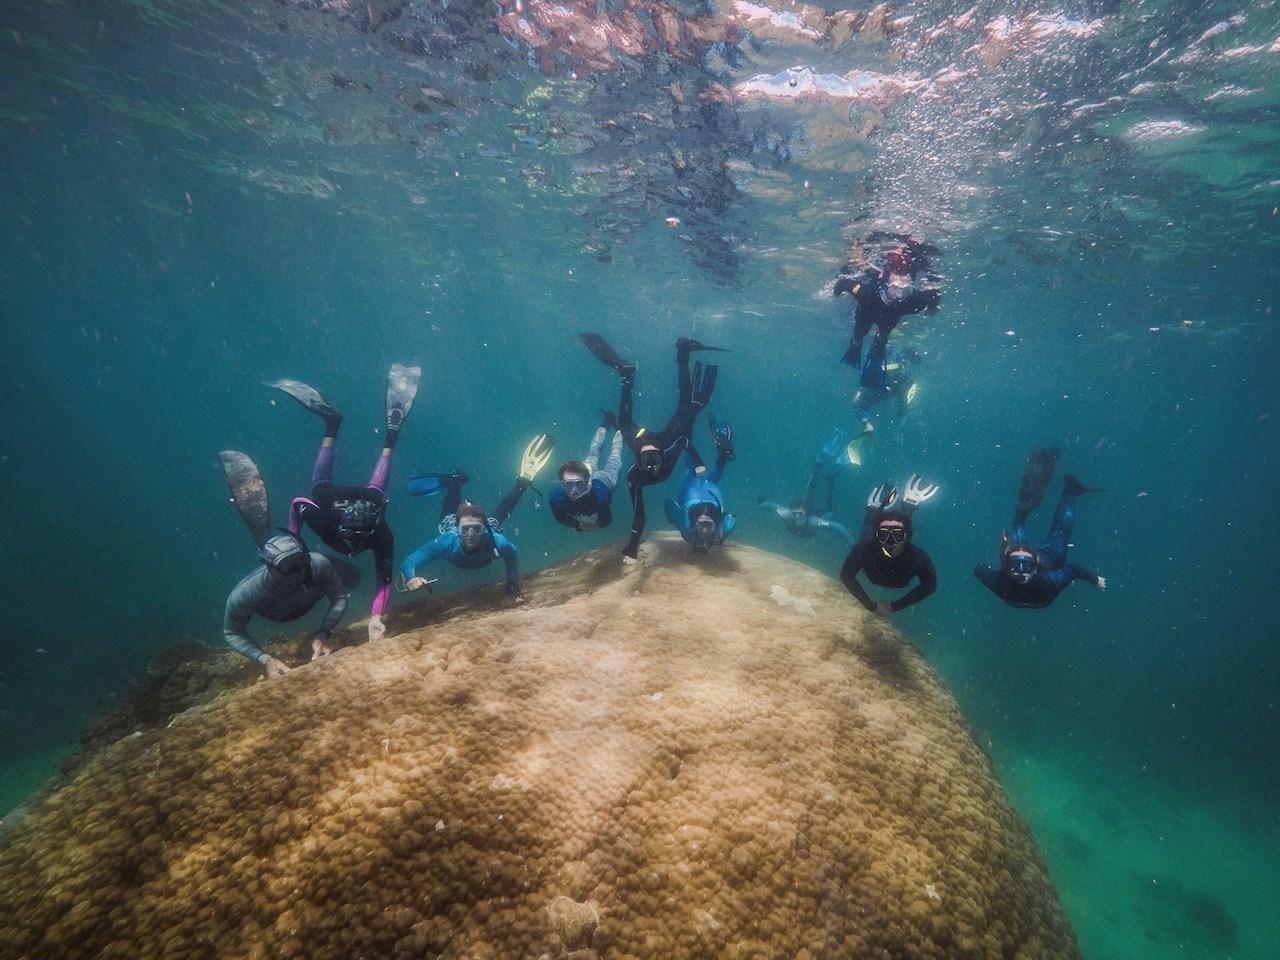 Descubren enorme coral de 400 años en Gran Barrera de Australia